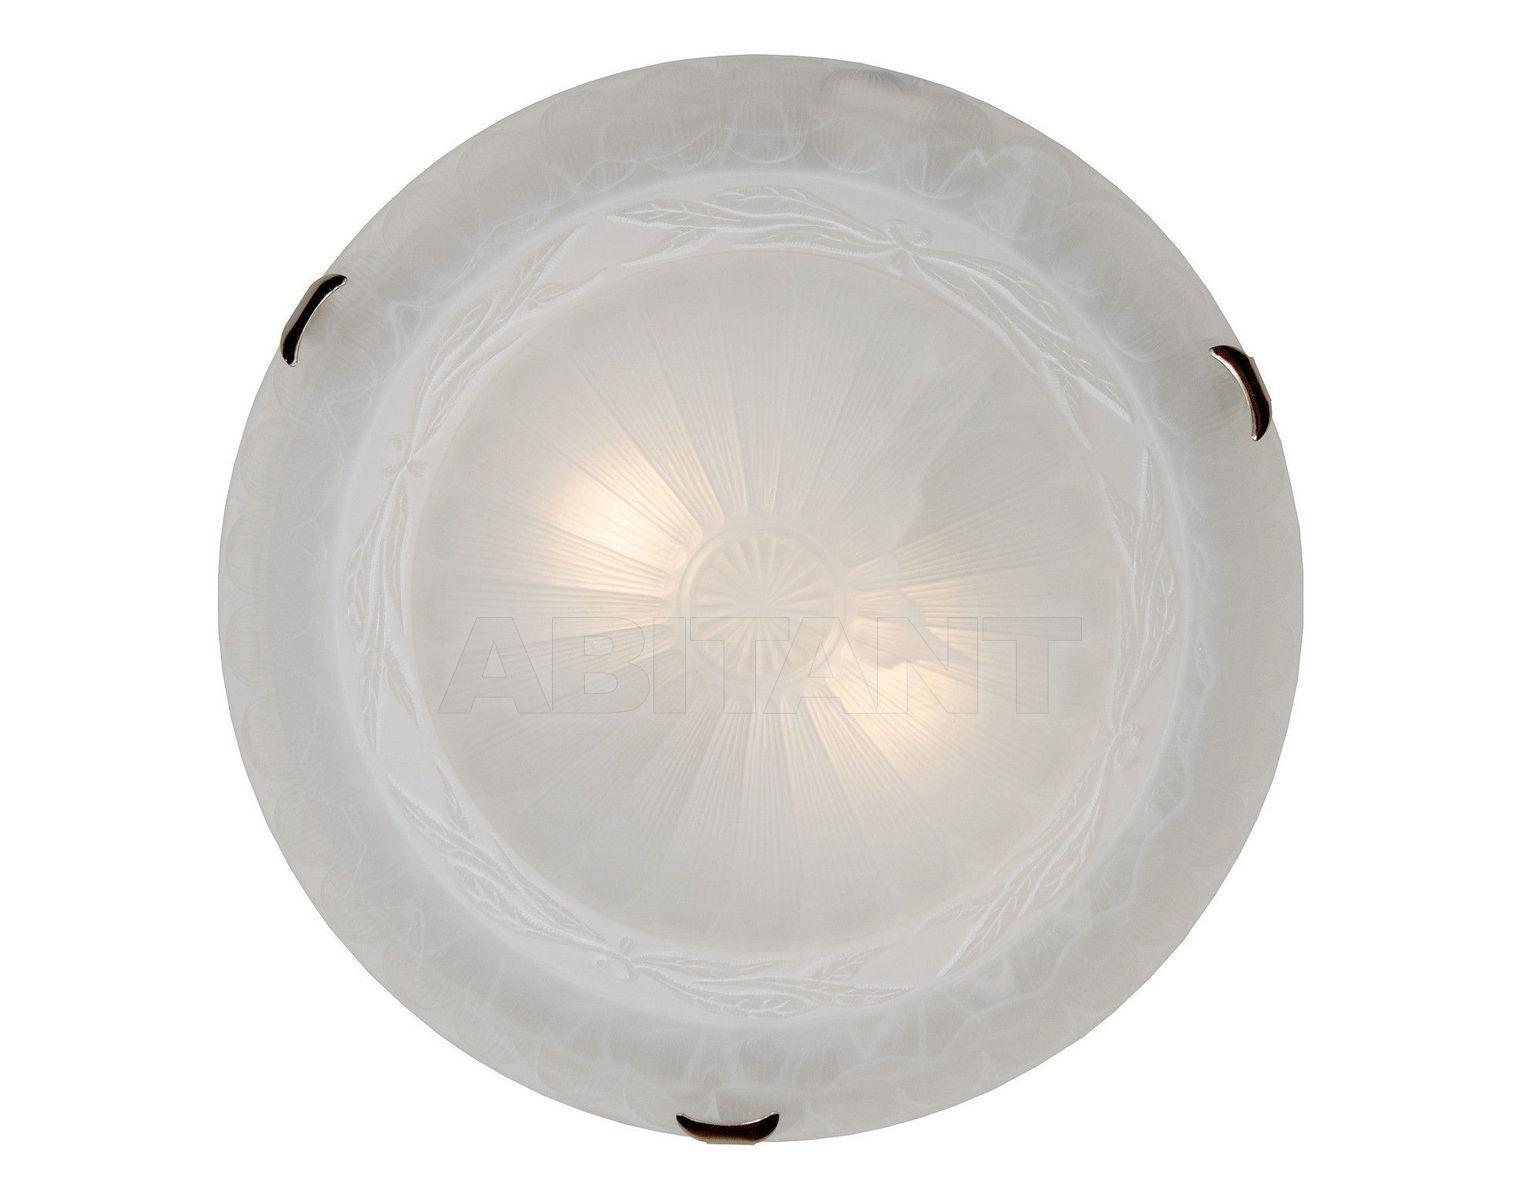 Купить Светильник CAPRI Lucide  Ceiling & Wall Lights 07116/40/67